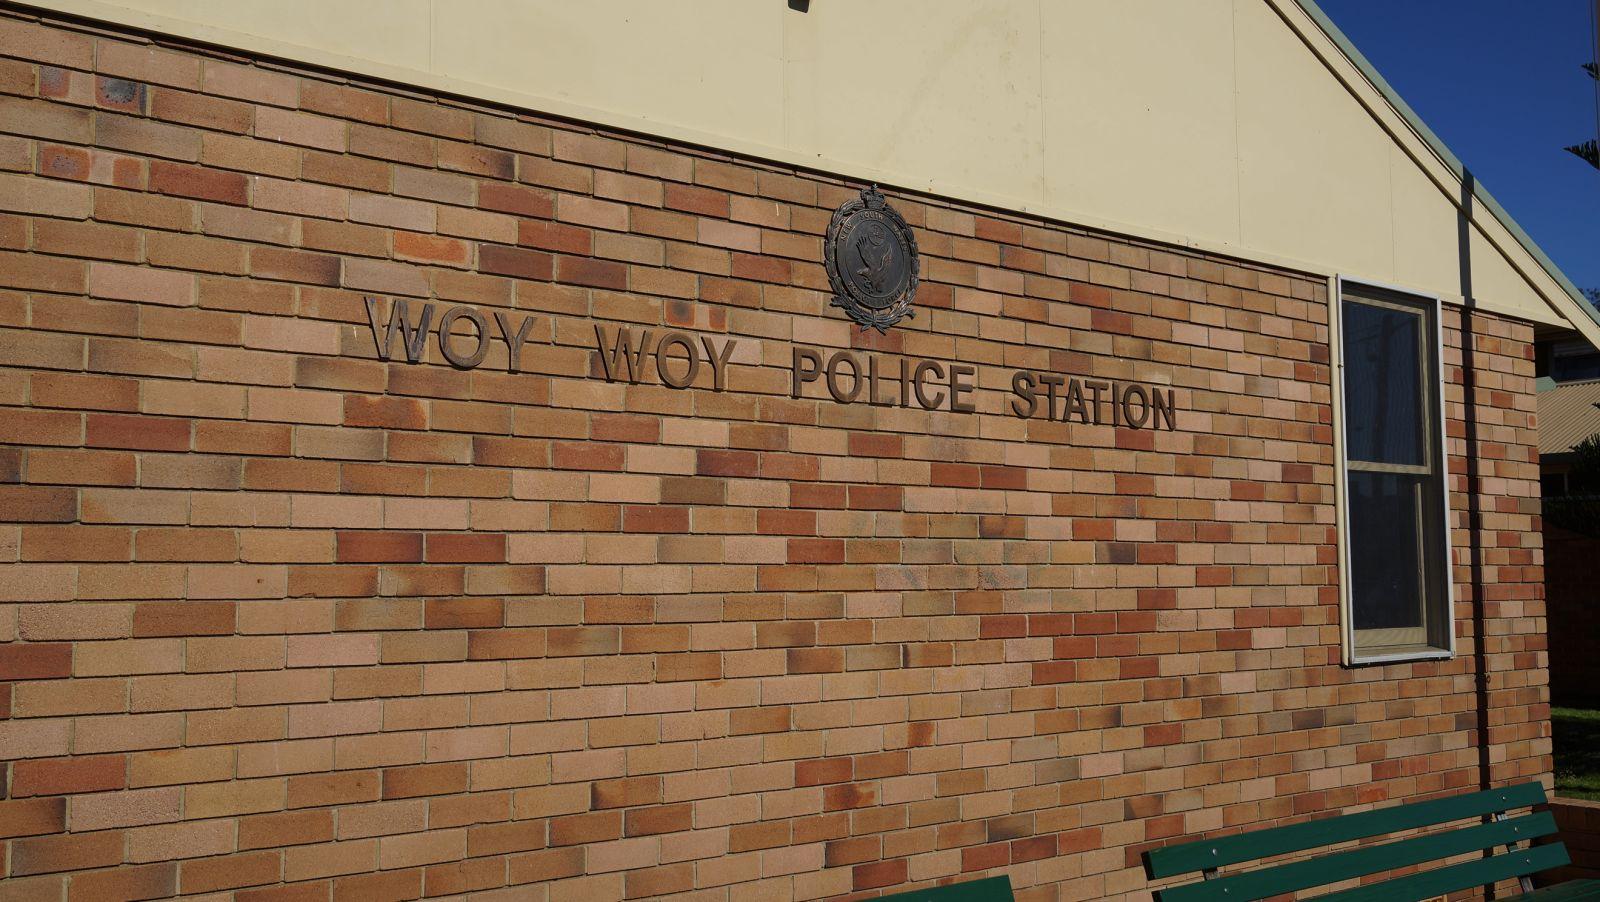 Woy Woy, New South Wales, Australia 7